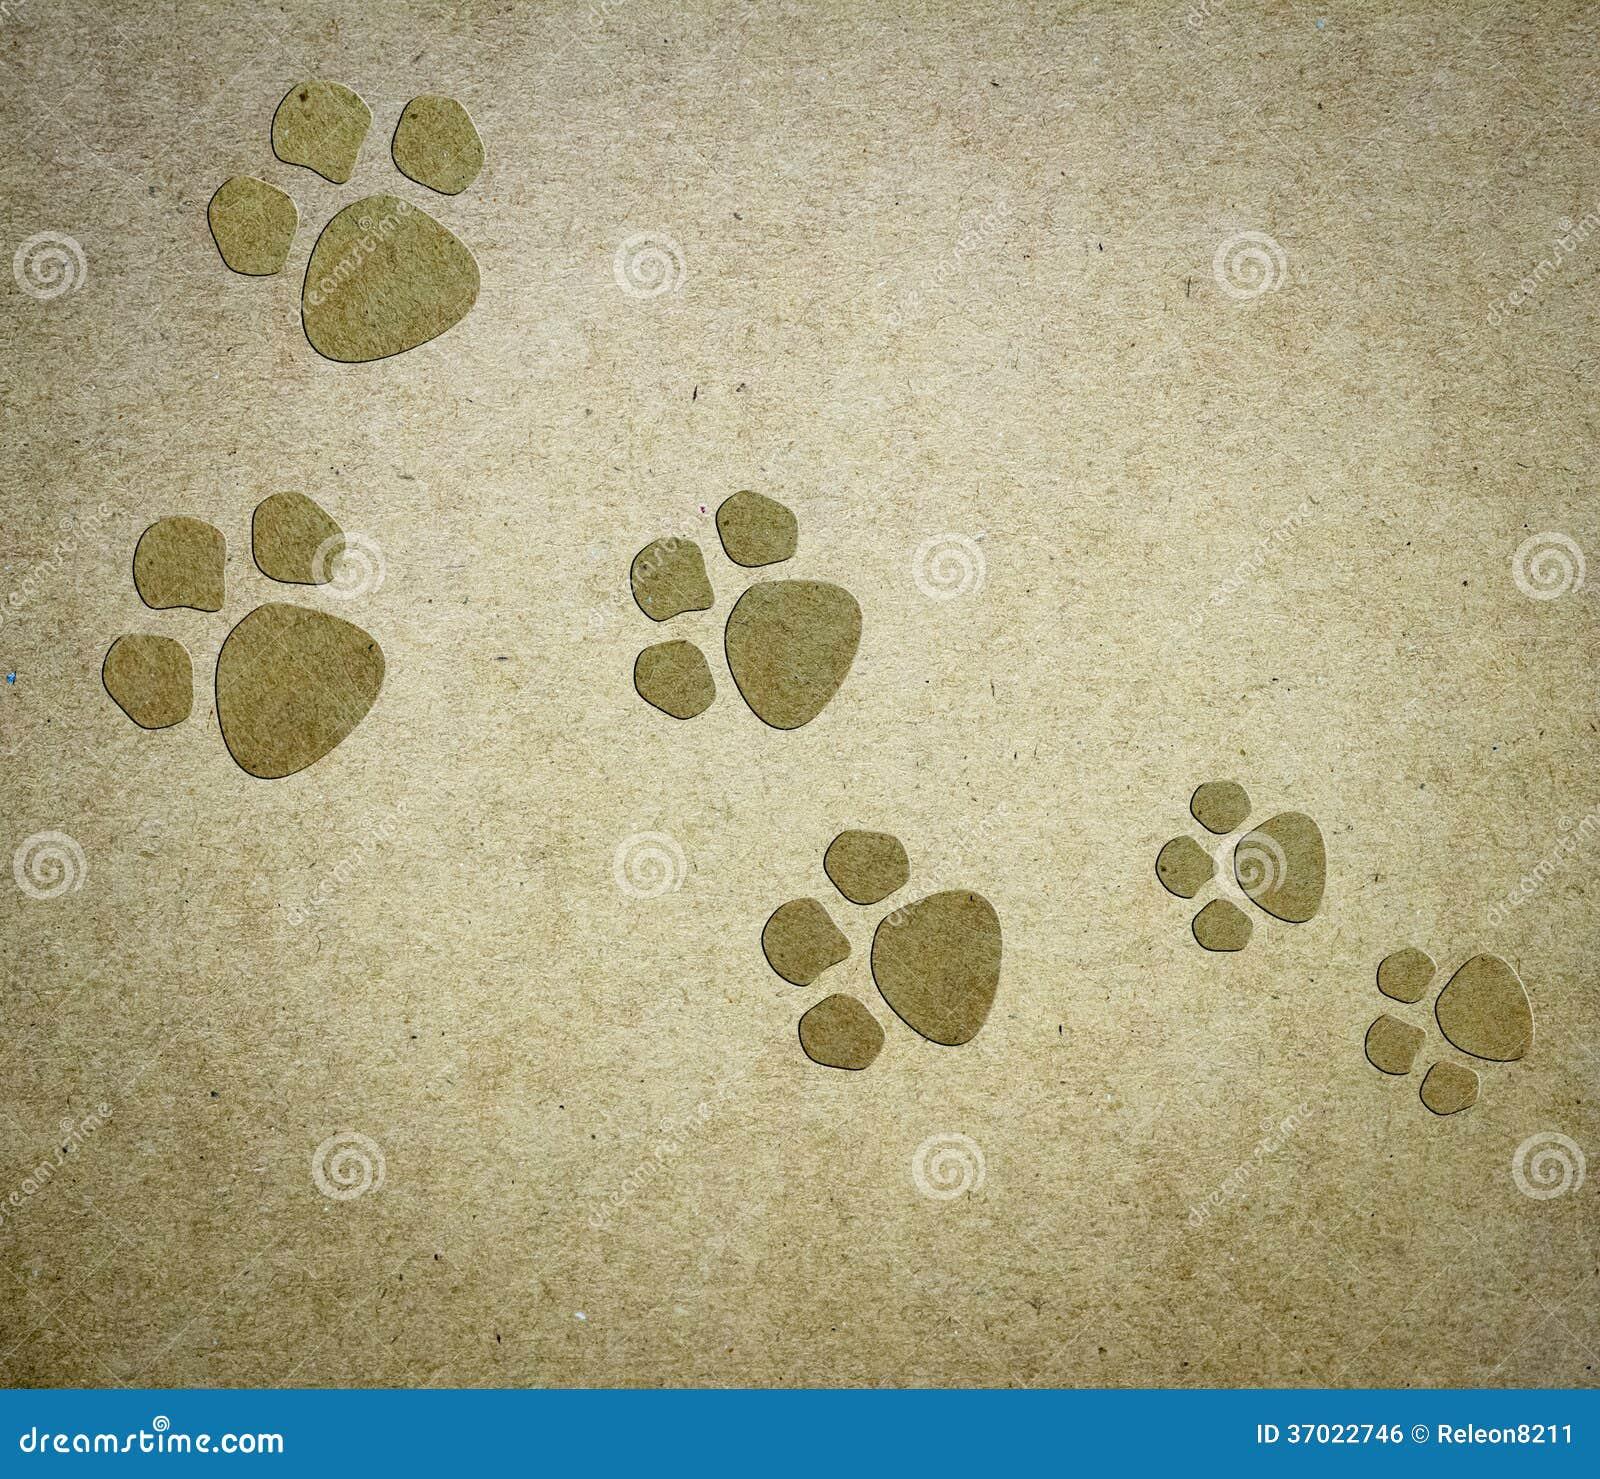 Dog Paper Background Royalty Free Stock Image Image